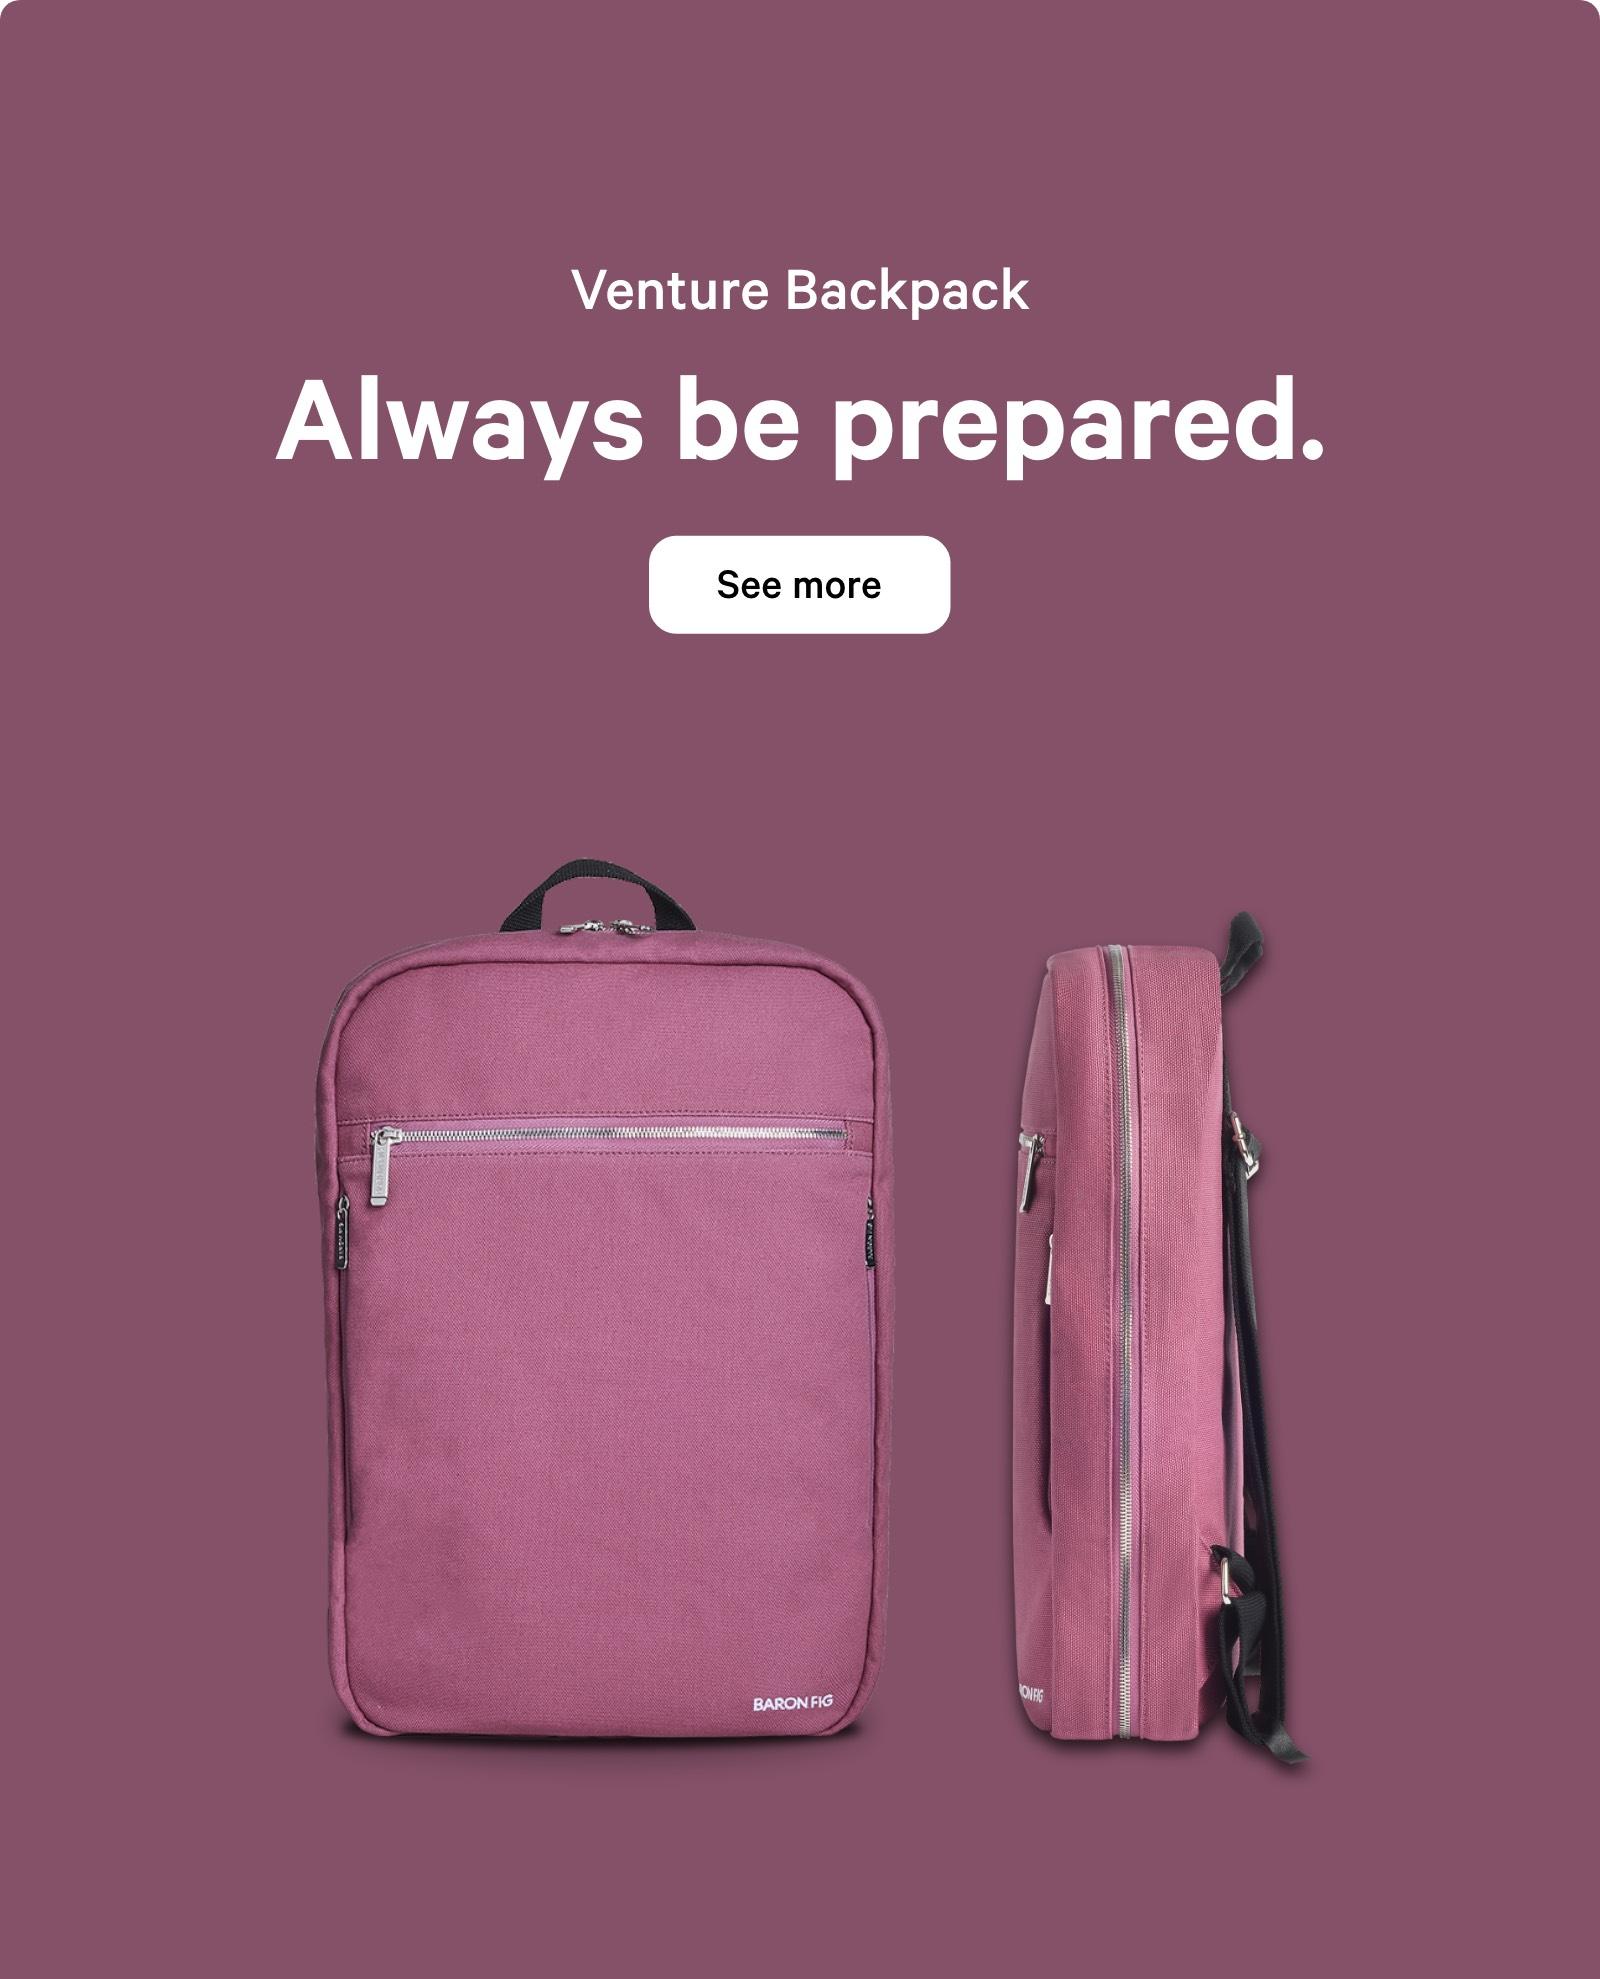 Venture Backpack. Always be prepared. See more ?